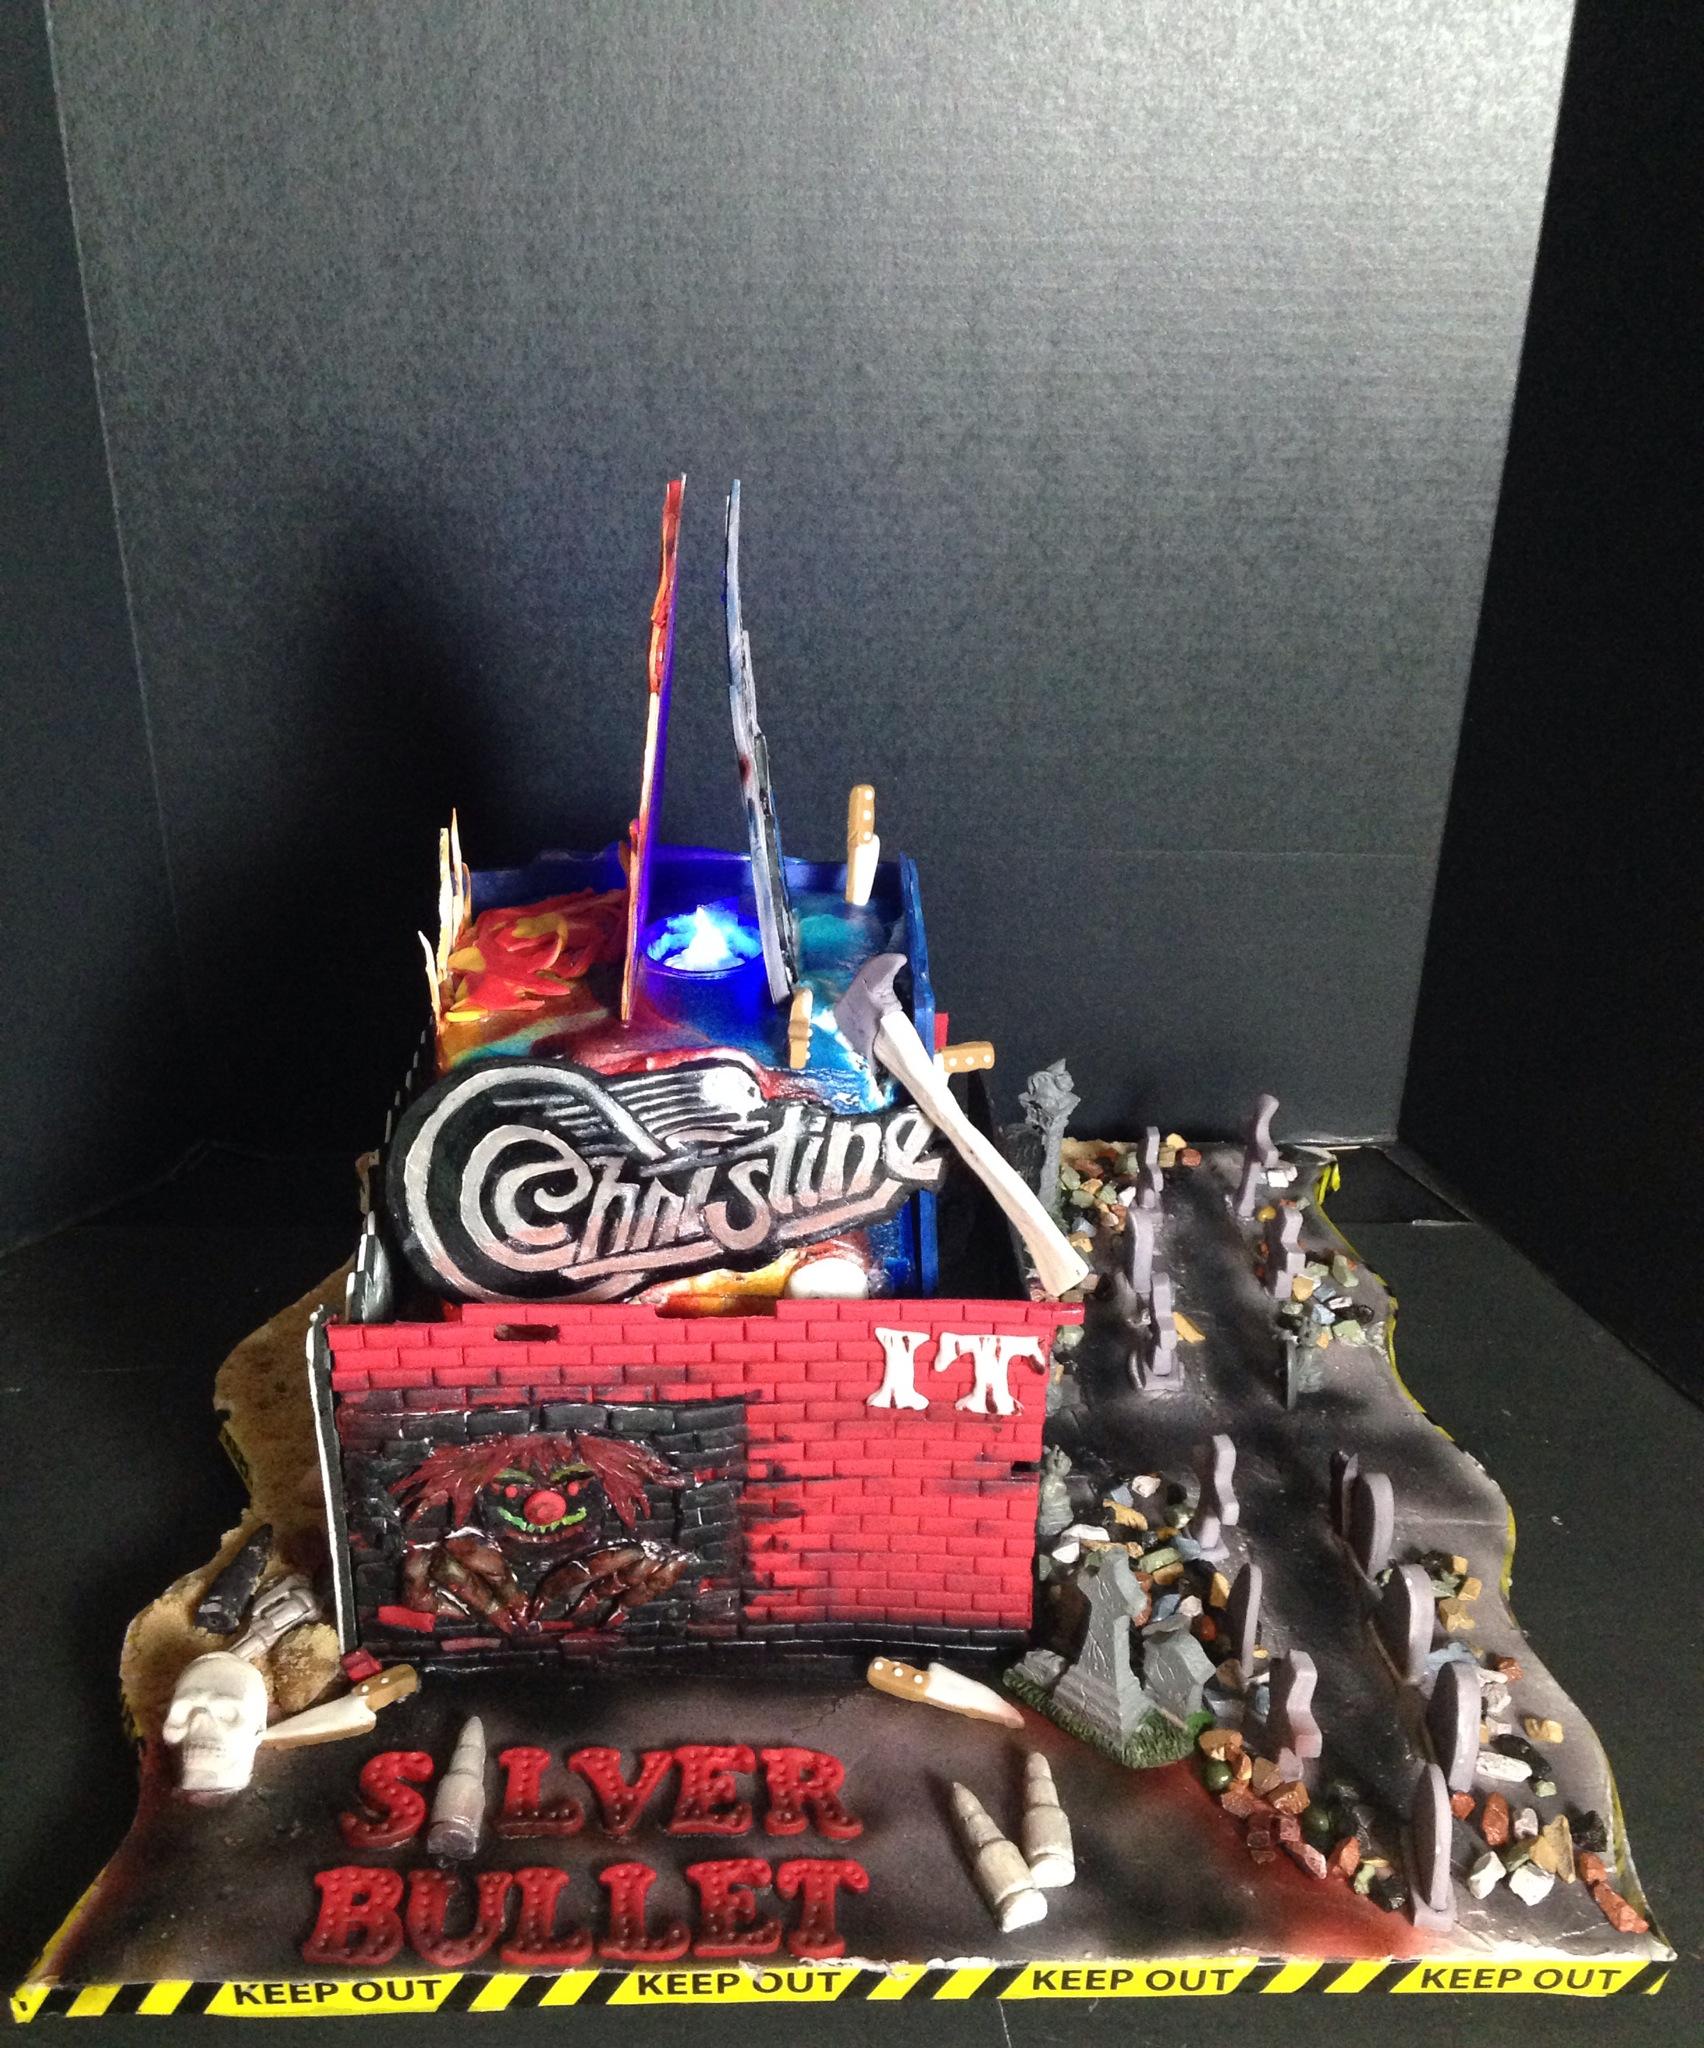 Stephen King Cake Https Www Facebook Com